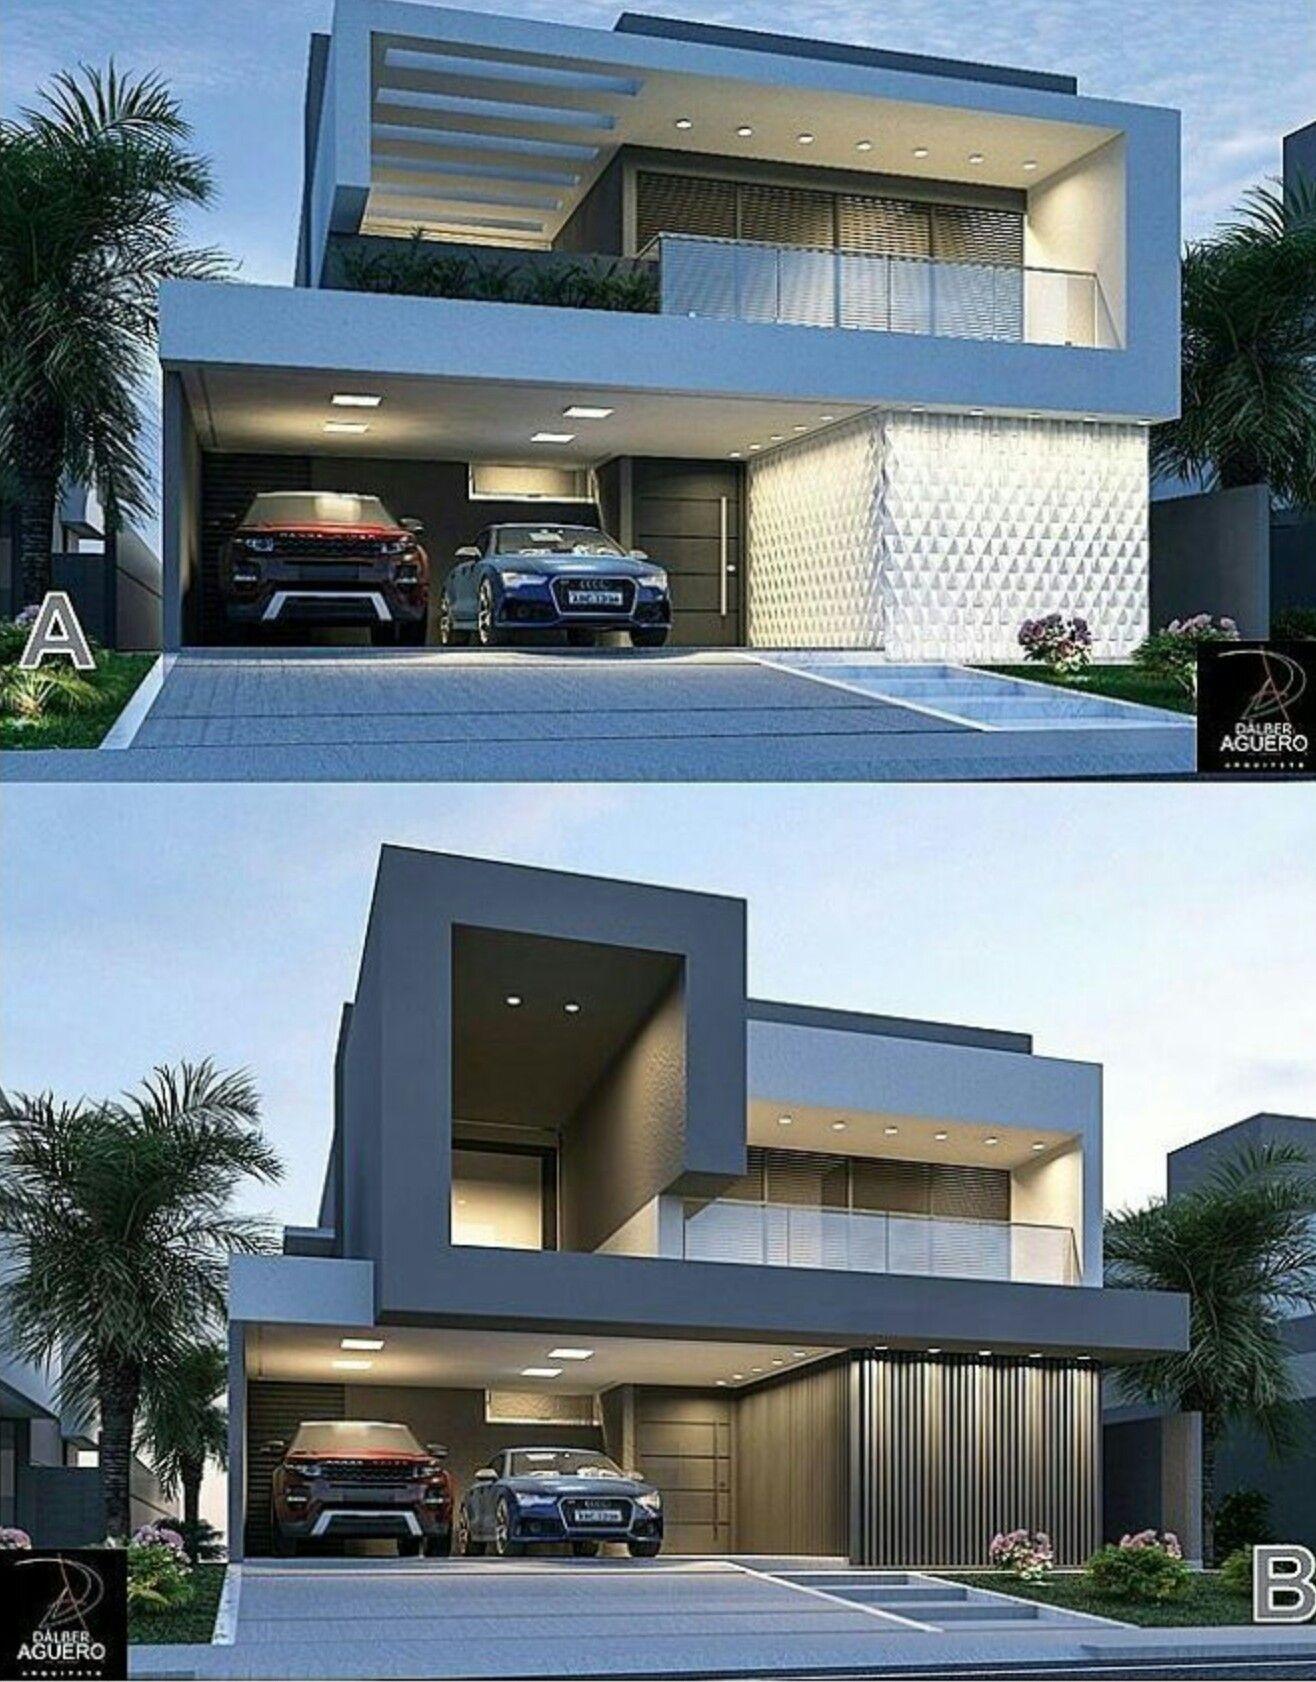 Arquitectura Fachadas De Casas Modernas Casas Modernas: Fachadas De Casas, Arquitetura Casas, Casa Minimalista